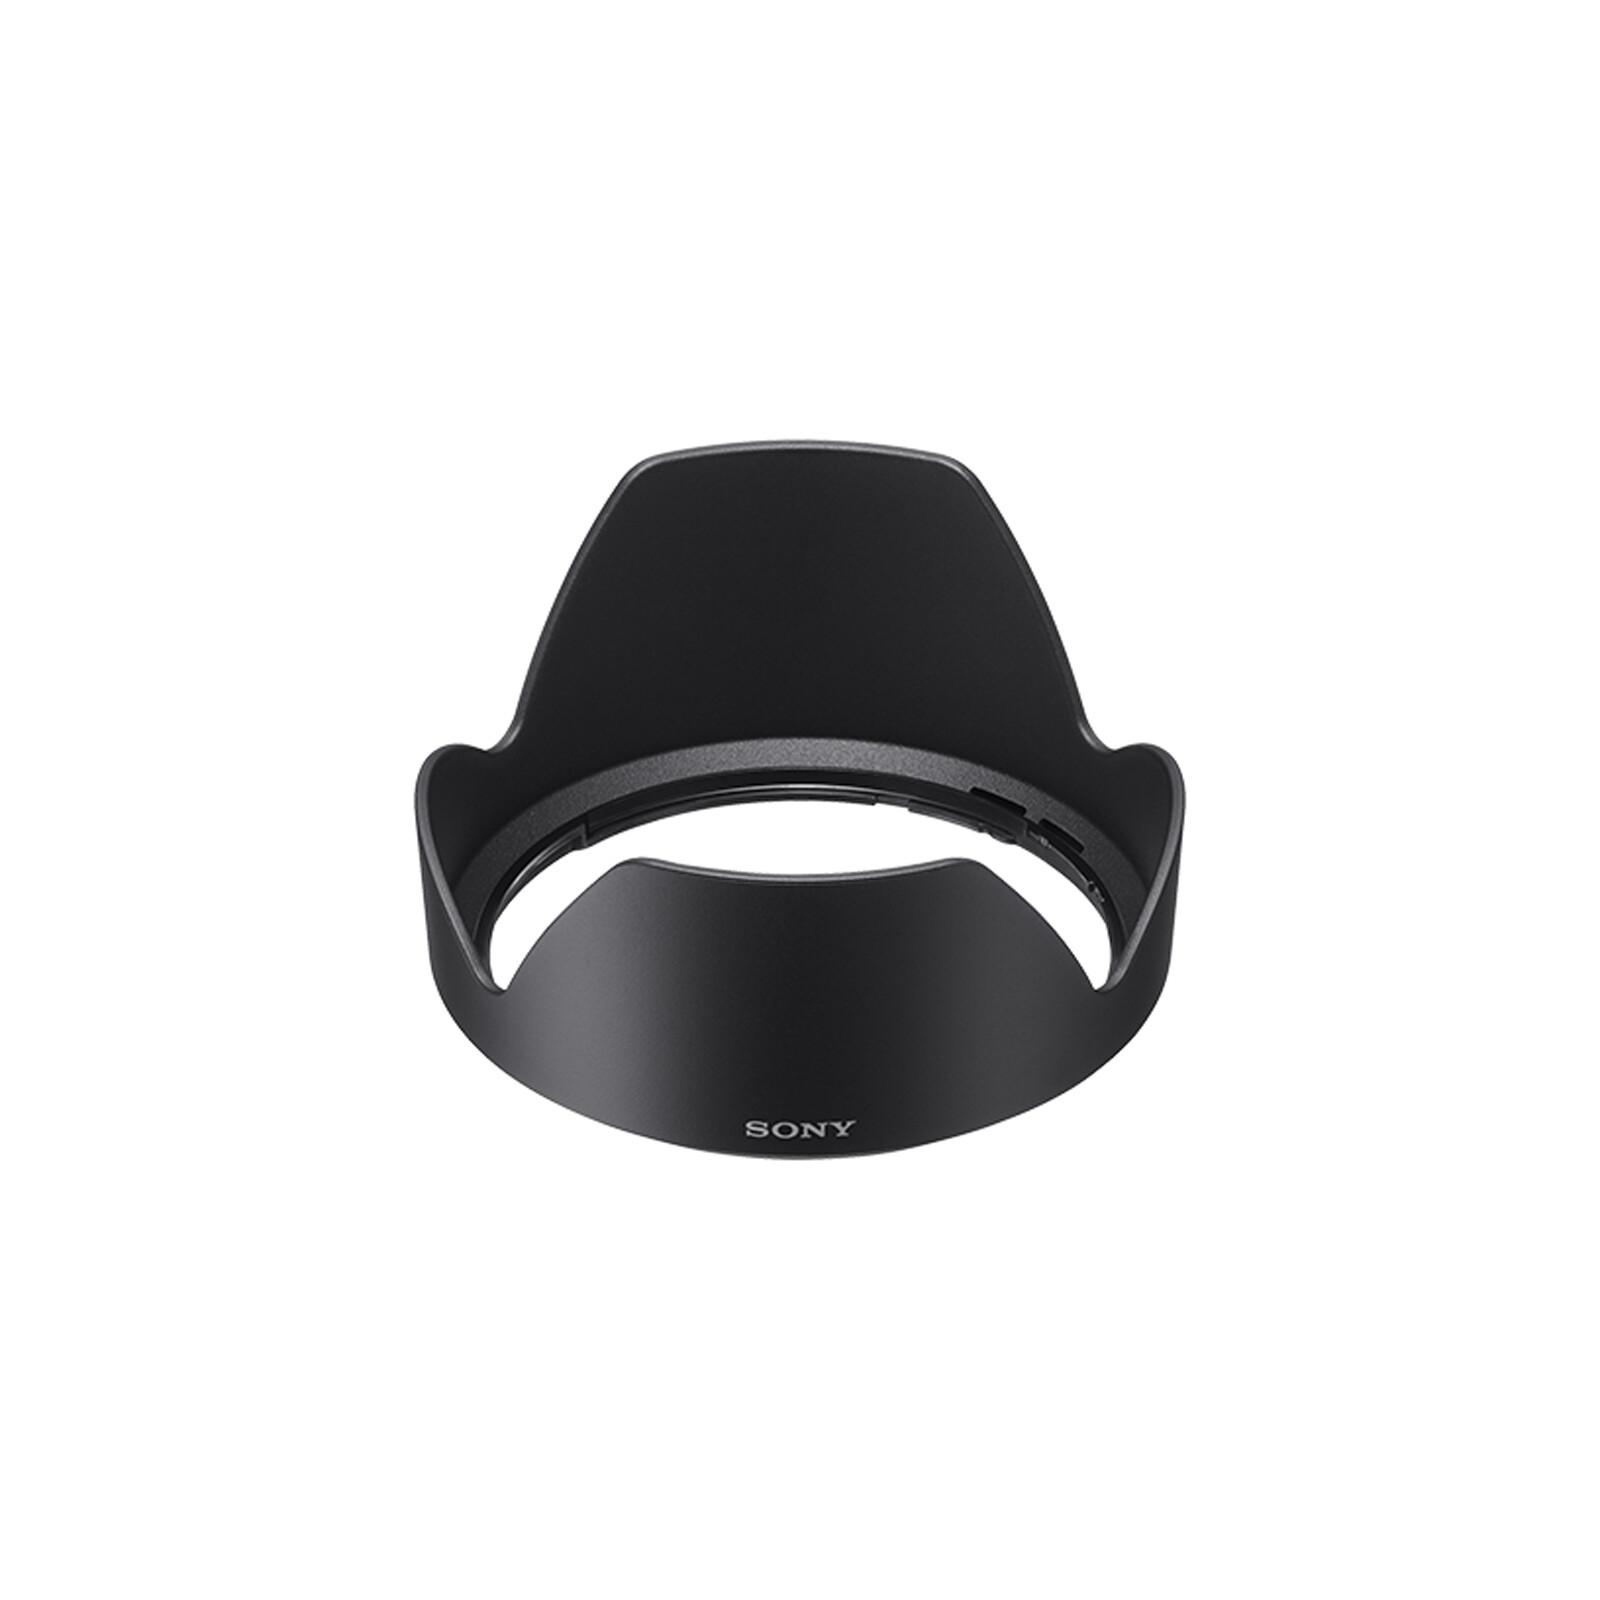 Sony ALC-SH136 Gegenlichtblende